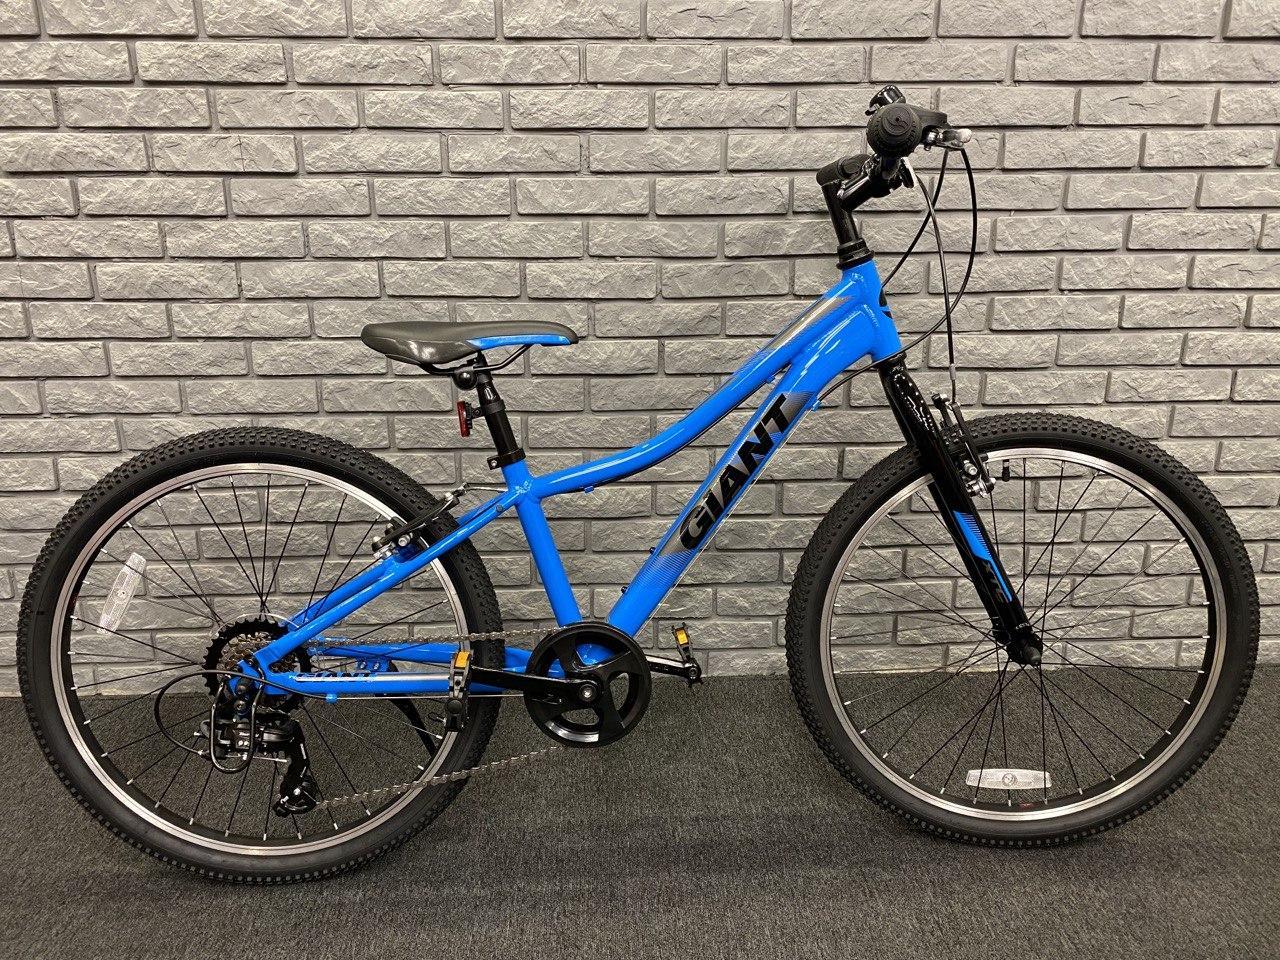 GiantДетский велосипед Giant велосипед XtC Jr 24 Lite - 2019 XtC Jr 24 Lite